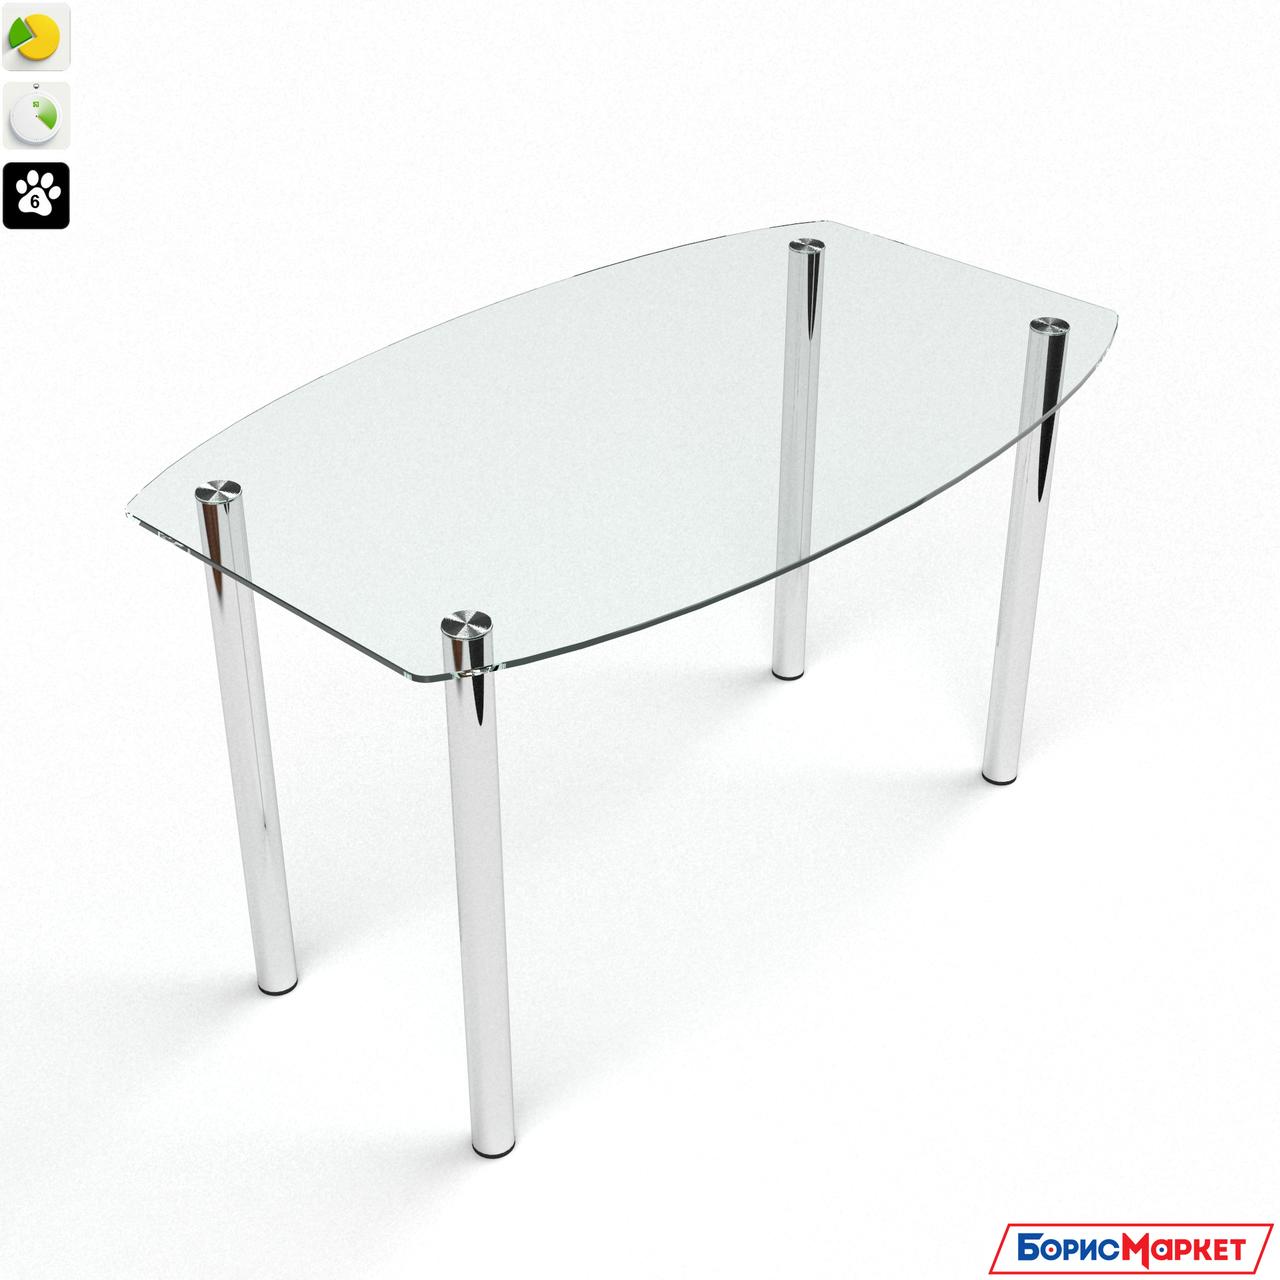 Обеденный стол стеклянный фигурный на хромированных ножках Бочка прозрачный от БЦ-Стол